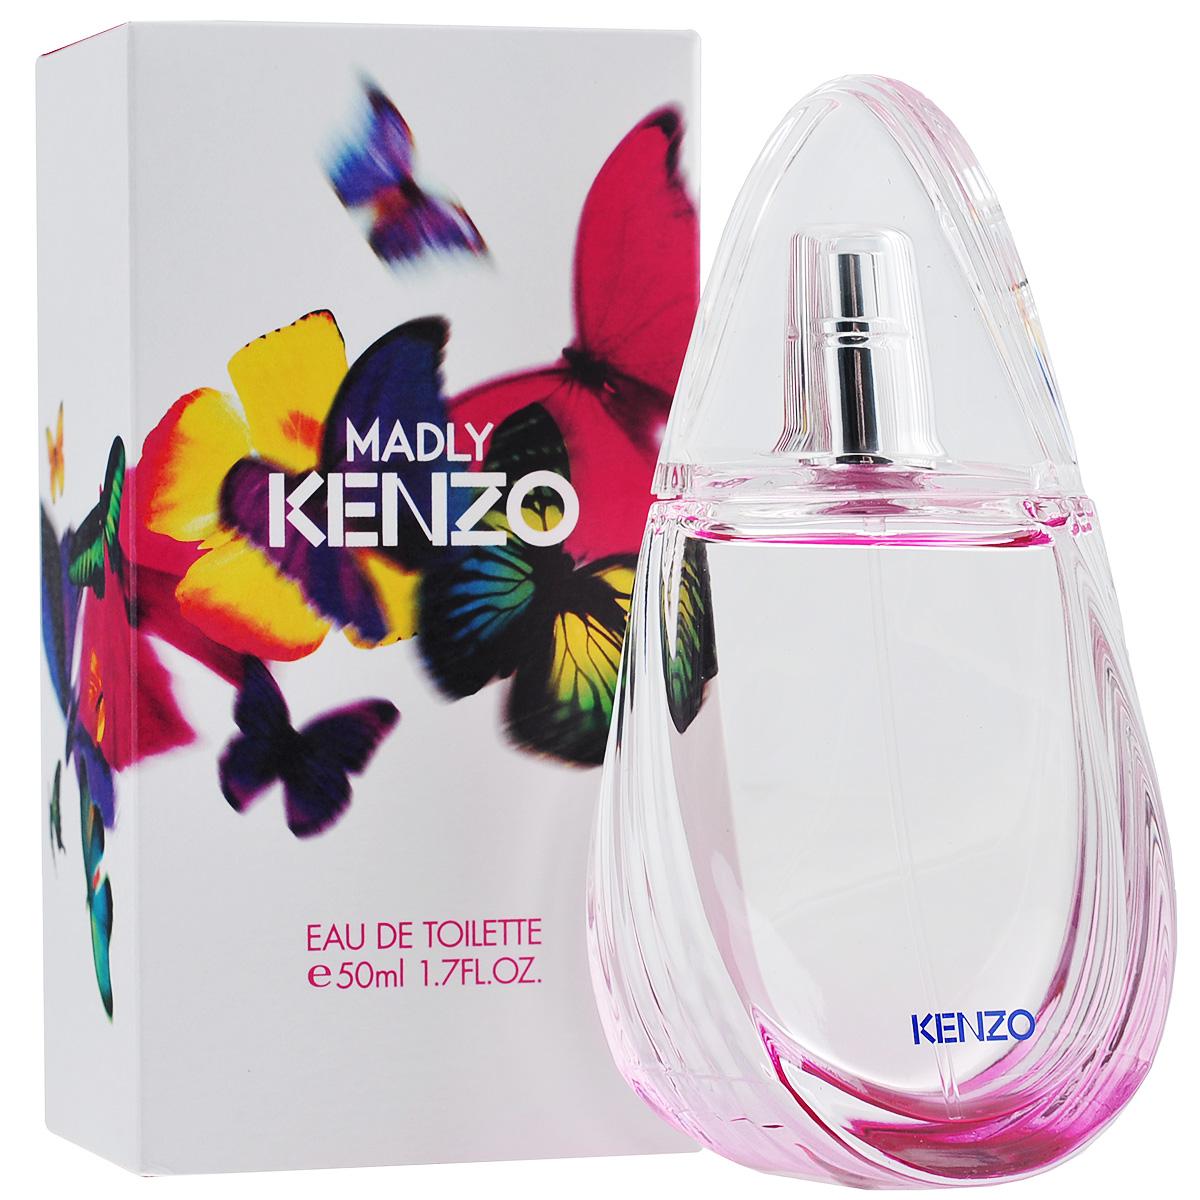 Kenzo Туалетная вода Madly, женская, 50 млK96170500Kenzo Madly - дом Kenzo говорит о тех чувствах, которые вдохновляют женщин на безрассудства и дарят ей свободу быть собой. Эту тему безрассудной любви воспевает Madly, а изящный флакон в виде крыльев бабочки вторит ему, говоря о чем-то восхитительном и неуловимом. Влюбленность и любовь, как начало и продолжение истории вспыхнувших чувств. Kenzo Madly - это пробуждение чувств, погружение в волнующую атмосферу влюбленности, легкое и беззаботное настроение, окрыленность и ощущение полета! Классификация аромата : фруктовый, цветочный. Пирамида аромата : Верхние ноты: груша, личи. Ноты сердца: цветок гелиотропа, жасмин. Ноты шлейфа: кедр, мускус. Ключевые слова Легкий, романтичный, влекущий, беззаботный! Характеристики: Объем: 50 мл. Производитель: Франция. Туалетная вода - один из самых популярных видов парфюмерной продукции. ...